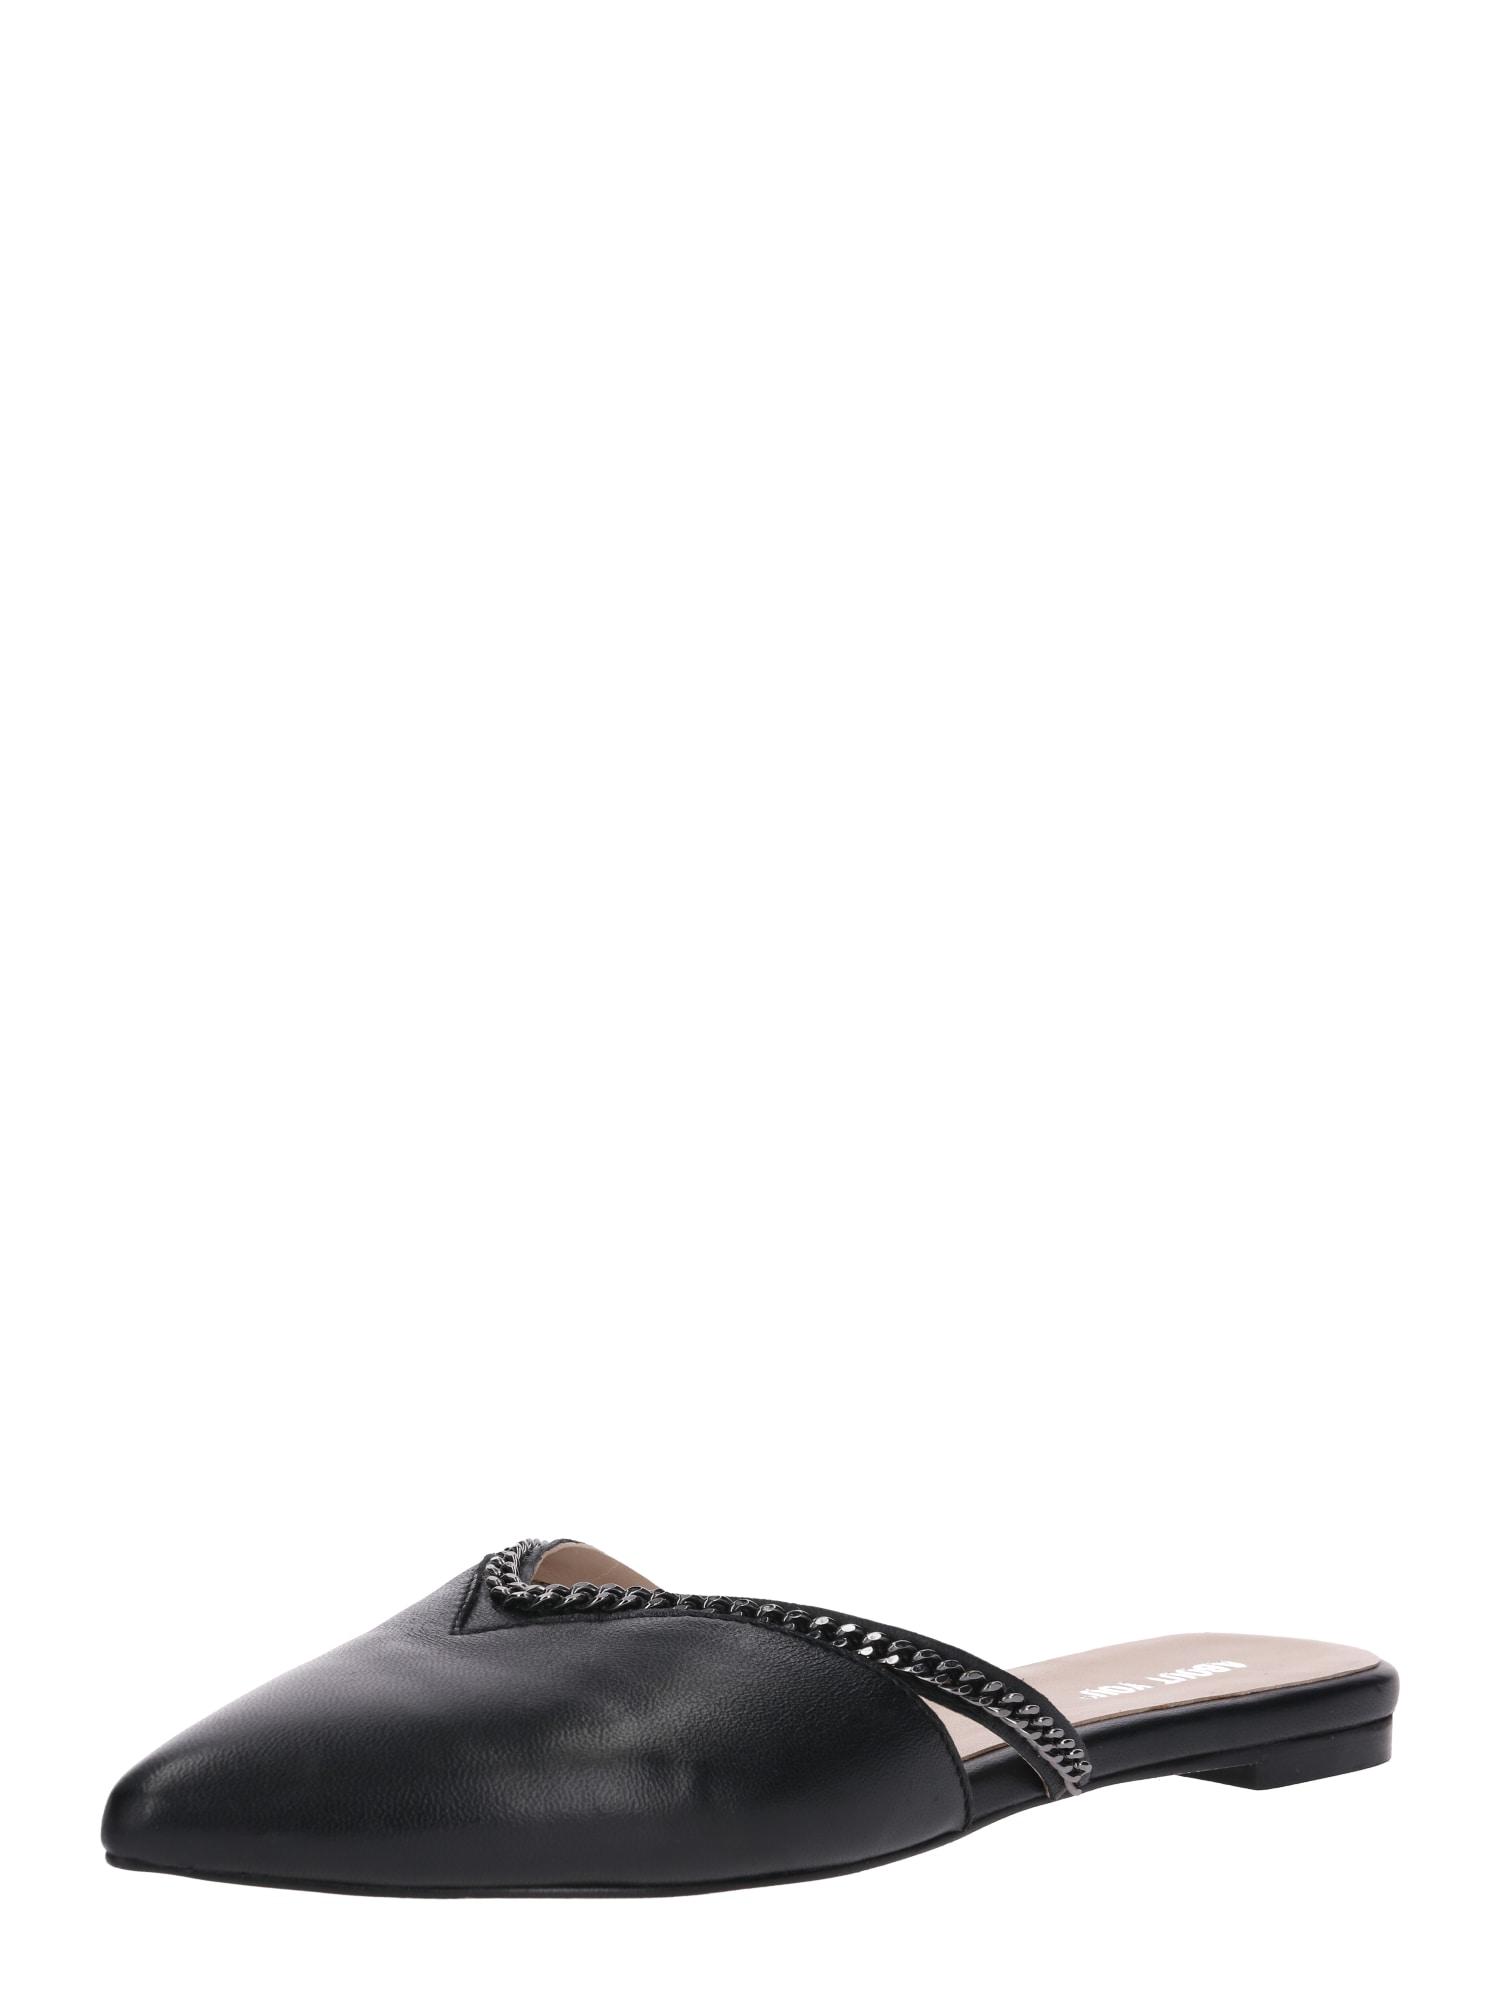 Pantofle Joana černá ABOUT YOU